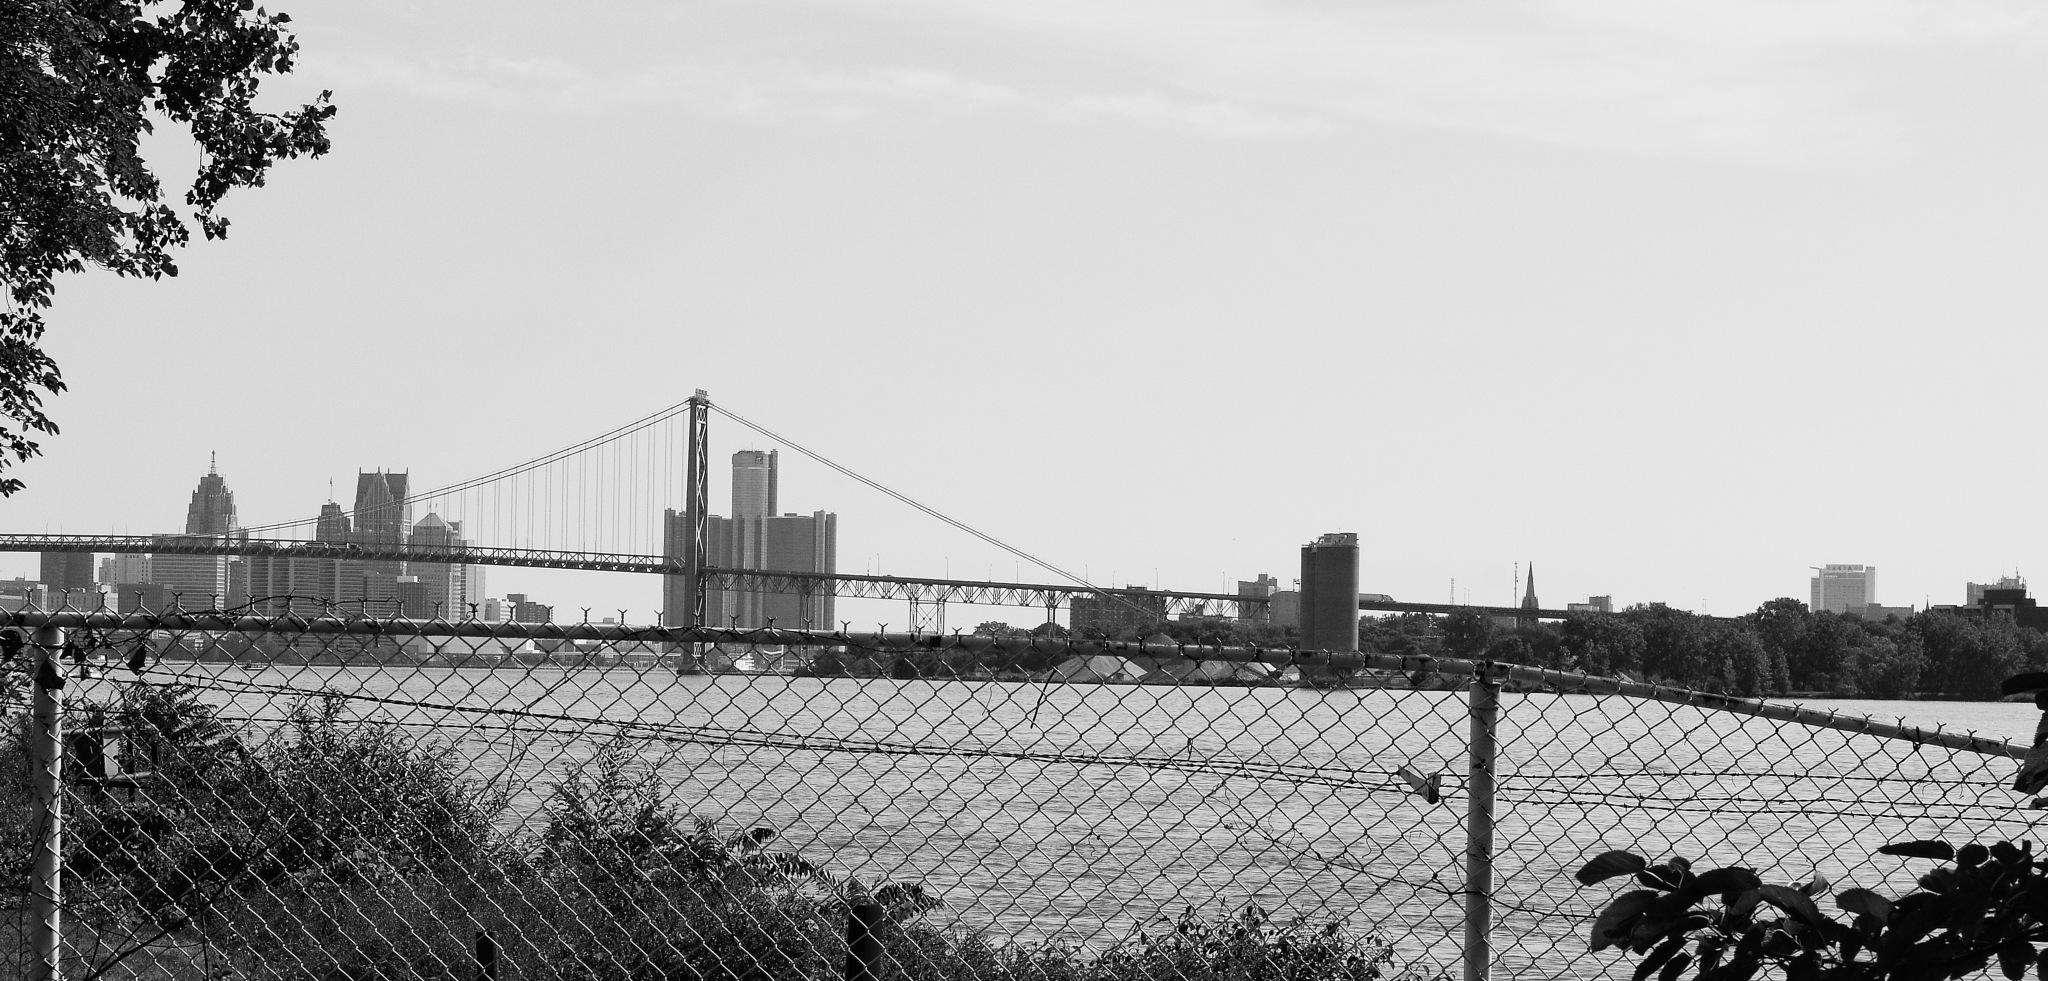 City Skyline by chuckhildebrandt7